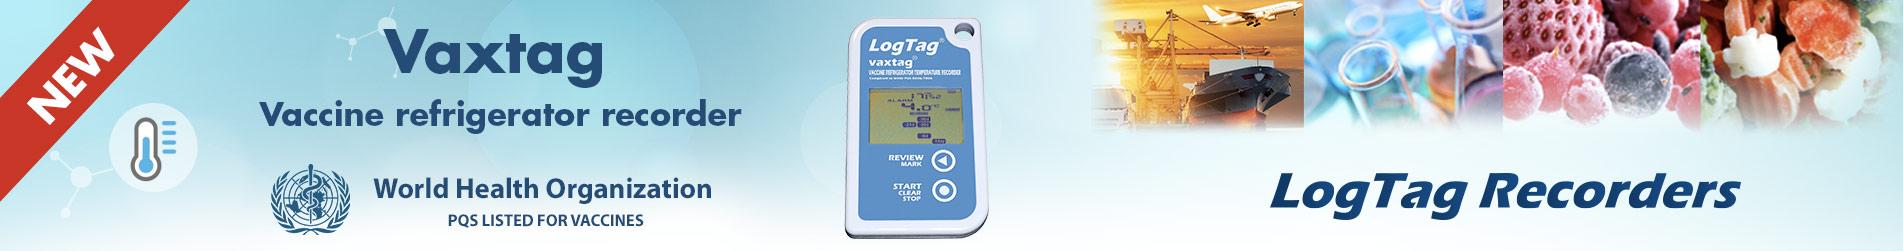 New logtag Vaxtag datalogger